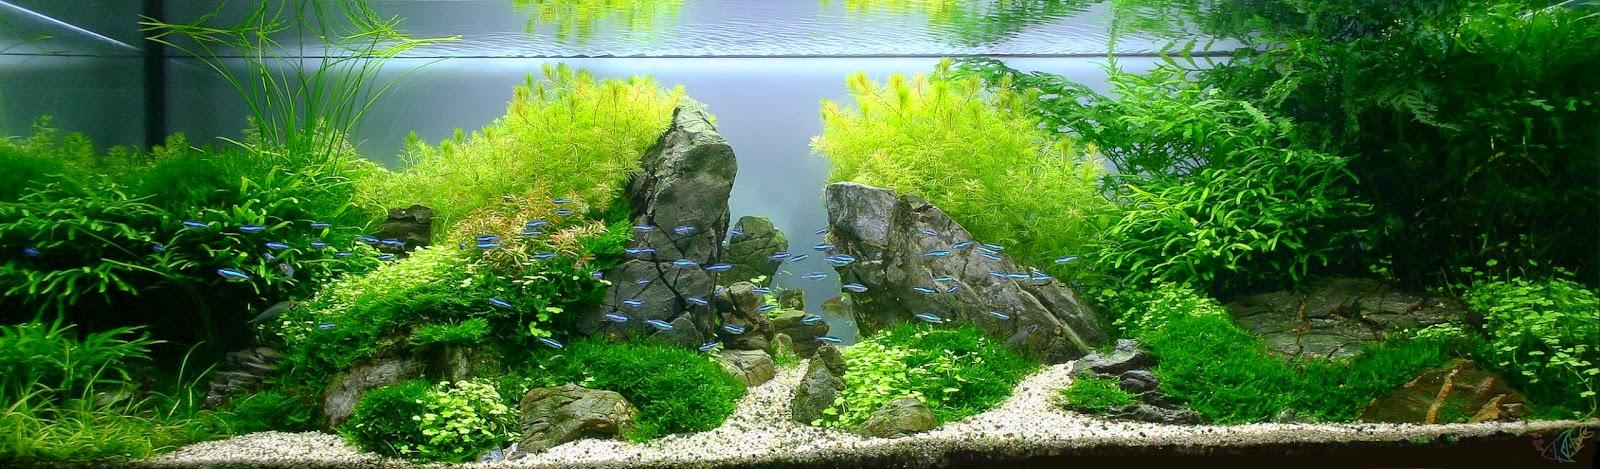 Фотогалерея голландских аквариумов и дизайн